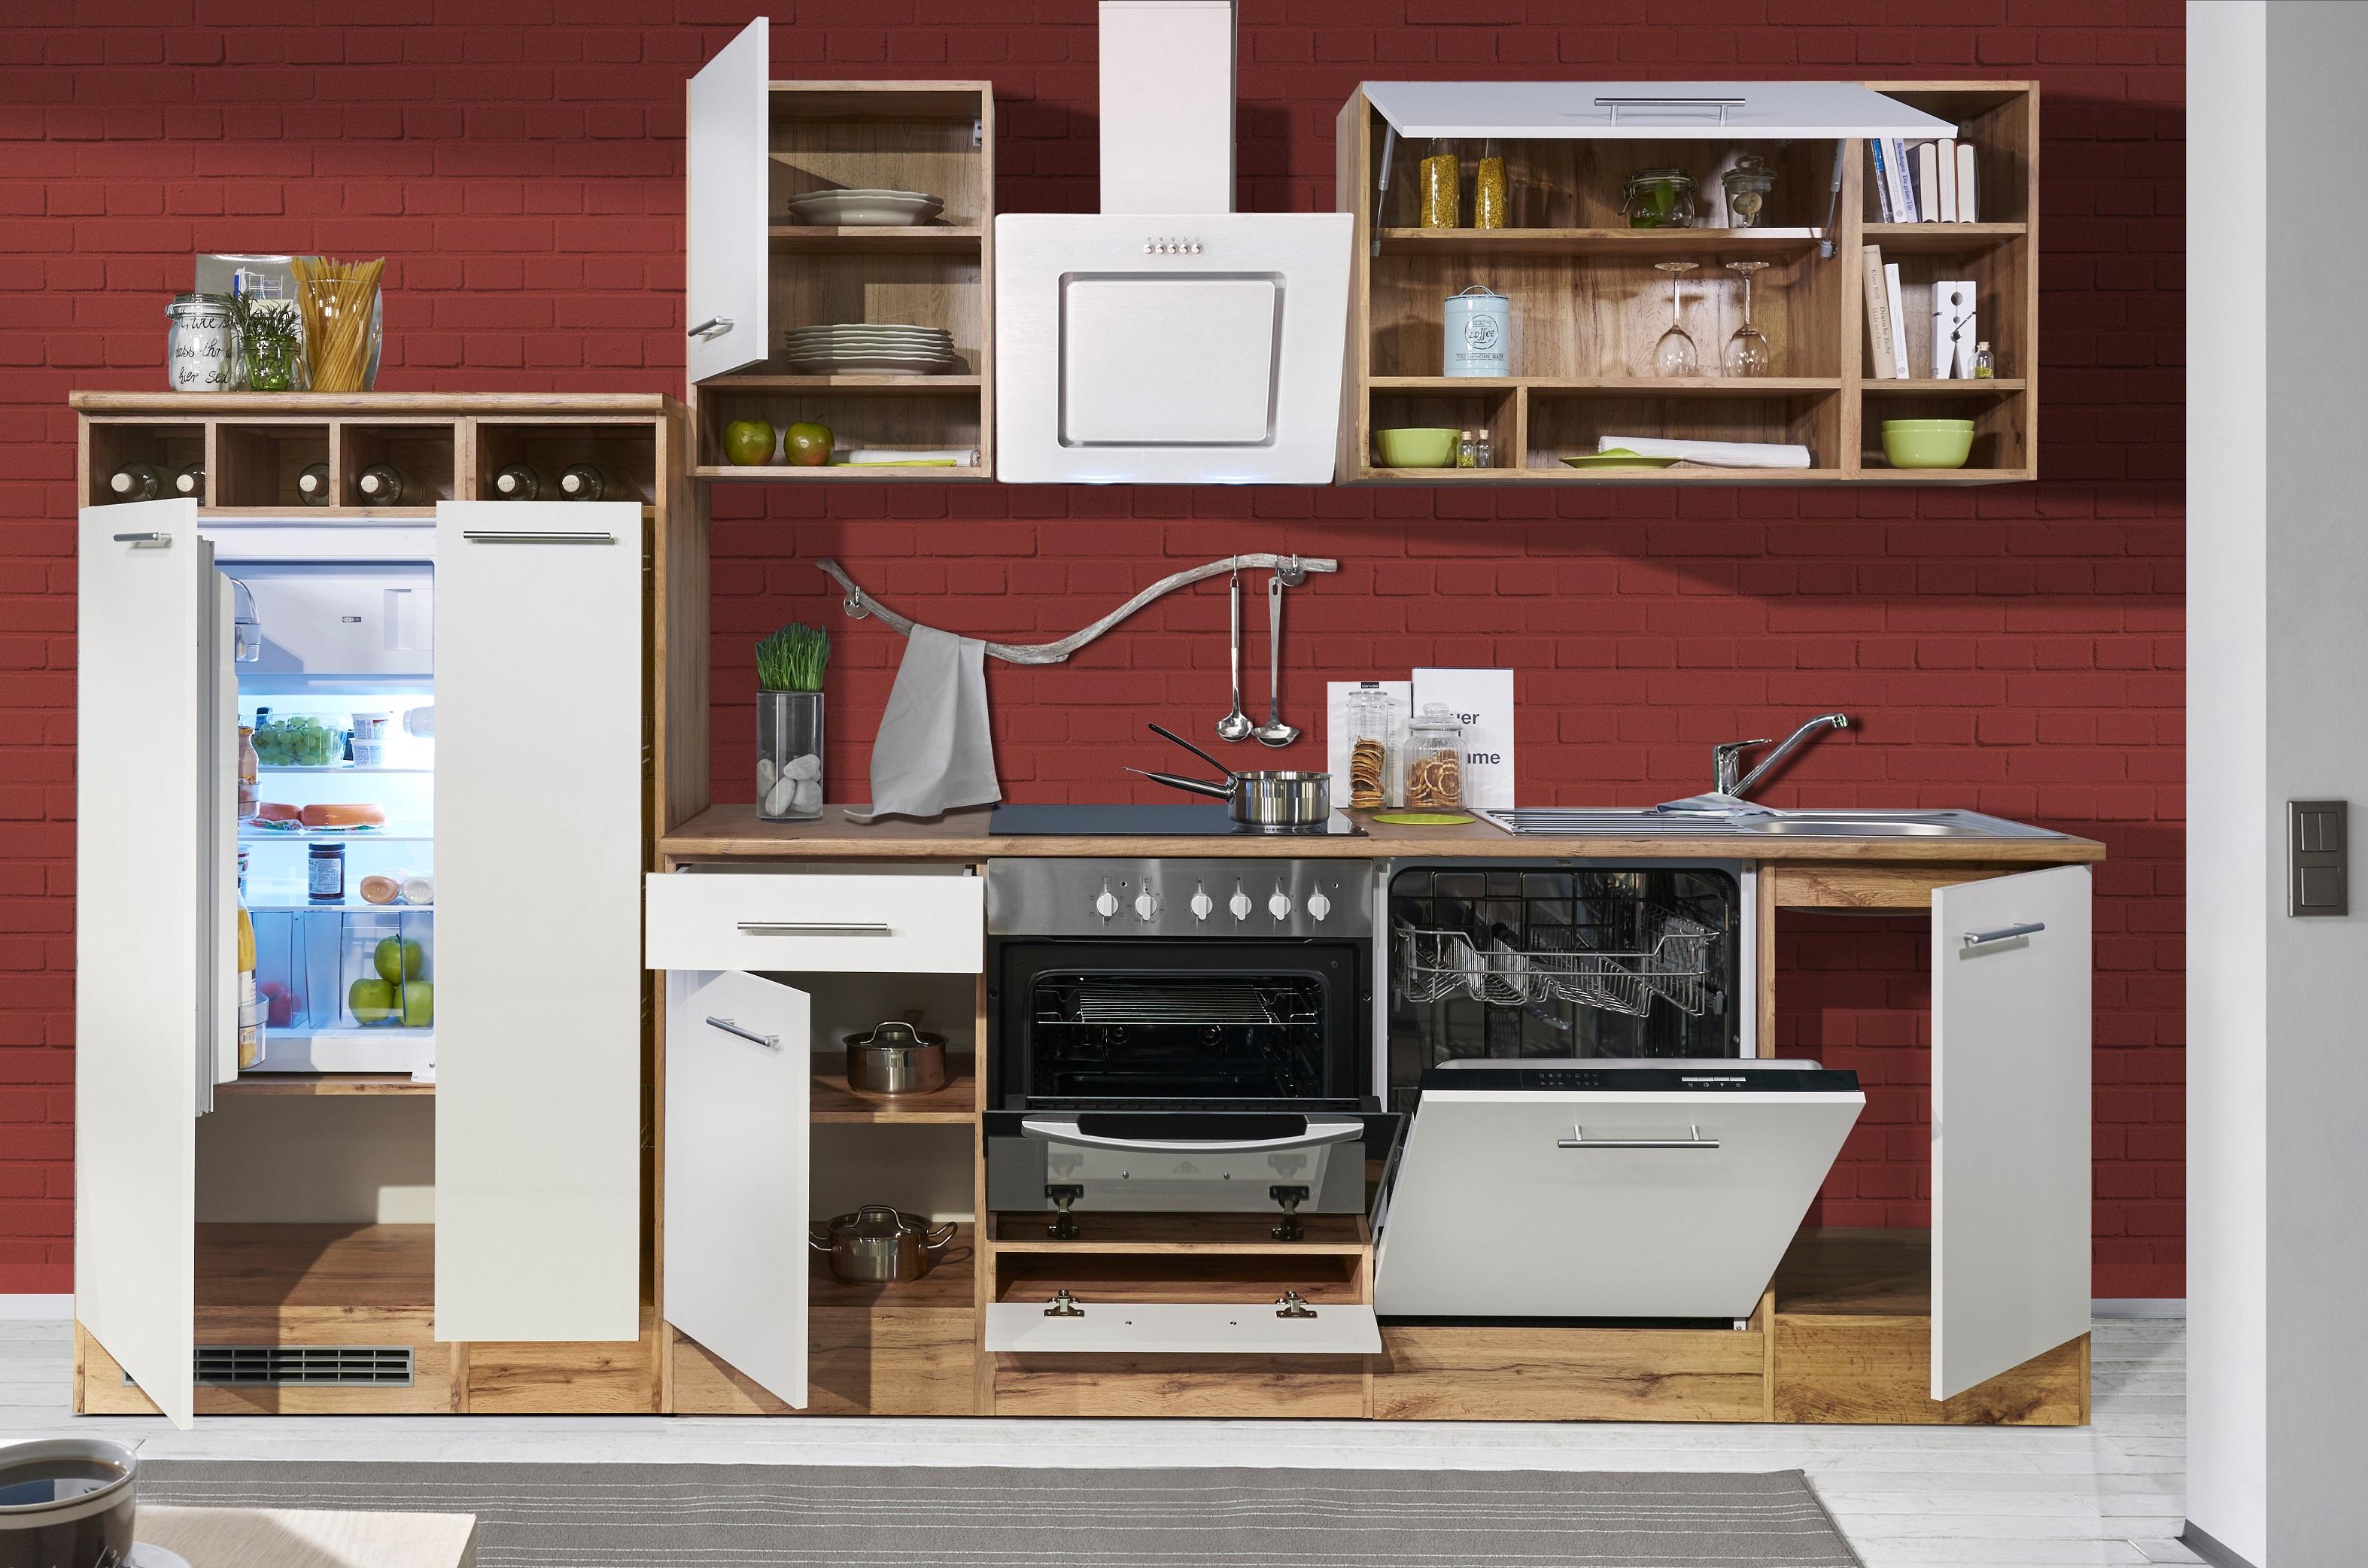 k che k chenzeile k chenblock einbauk che 310 cm wildeiche wei respekta ebay. Black Bedroom Furniture Sets. Home Design Ideas